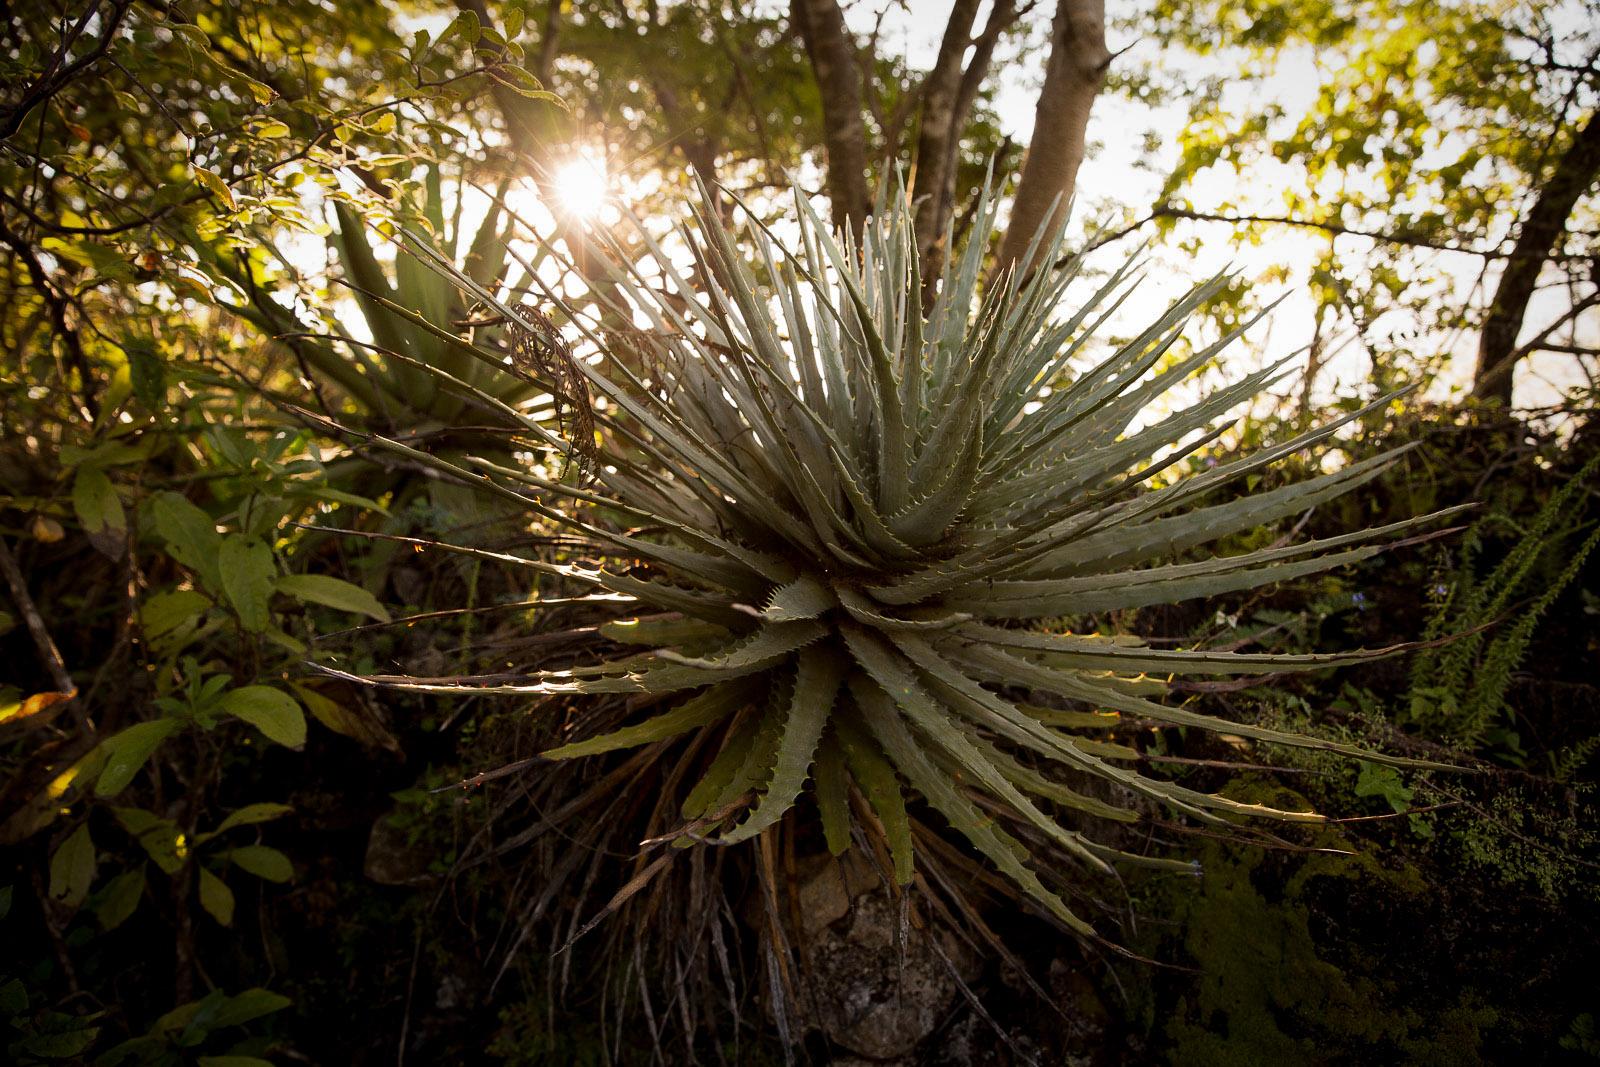 Wild Maguey, San Baltazar, Oaxaca, Mexico